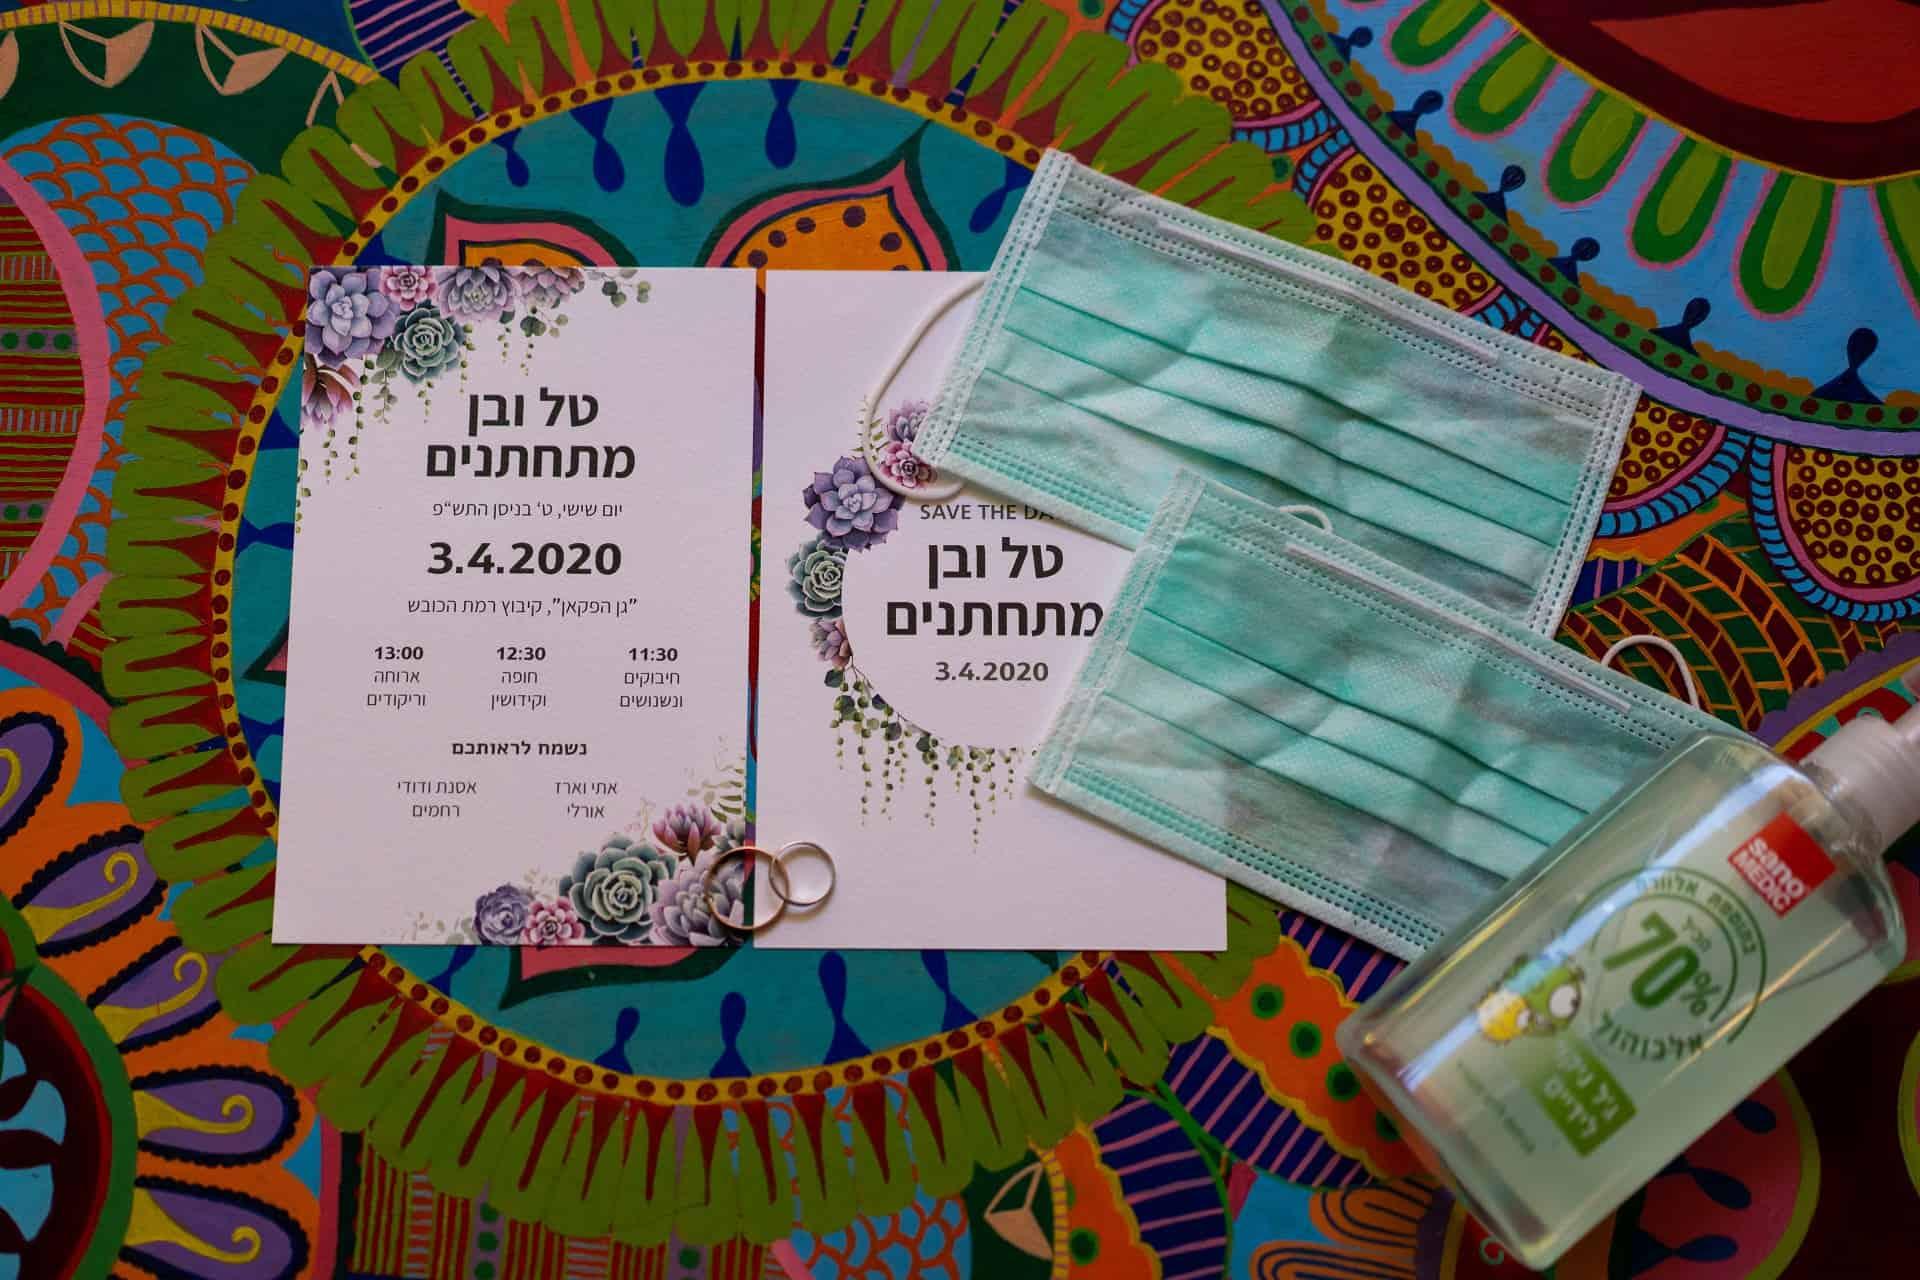 הזמנה לחתונה בזמן קורונה